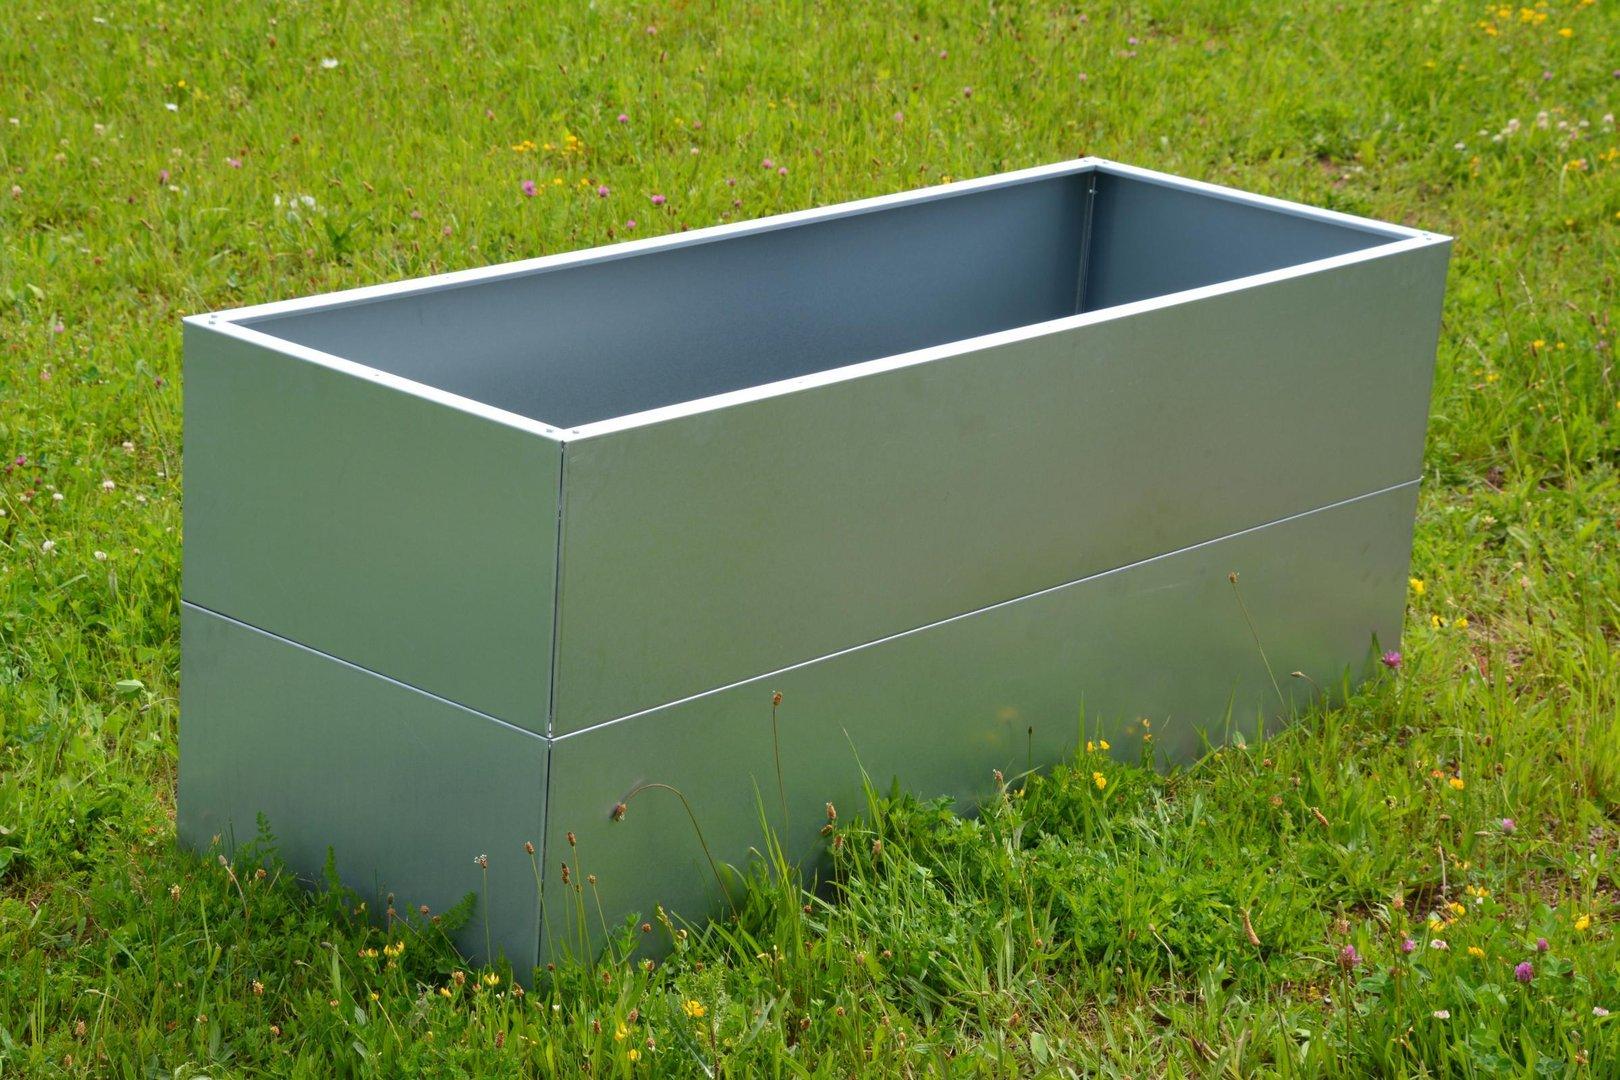 Full Size of Hochbeet Urban Gardening Metall 1 Edelstahl Garten Outdoor Küche Edelstahlküche Gebraucht Wohnzimmer Hochbeet Edelstahl